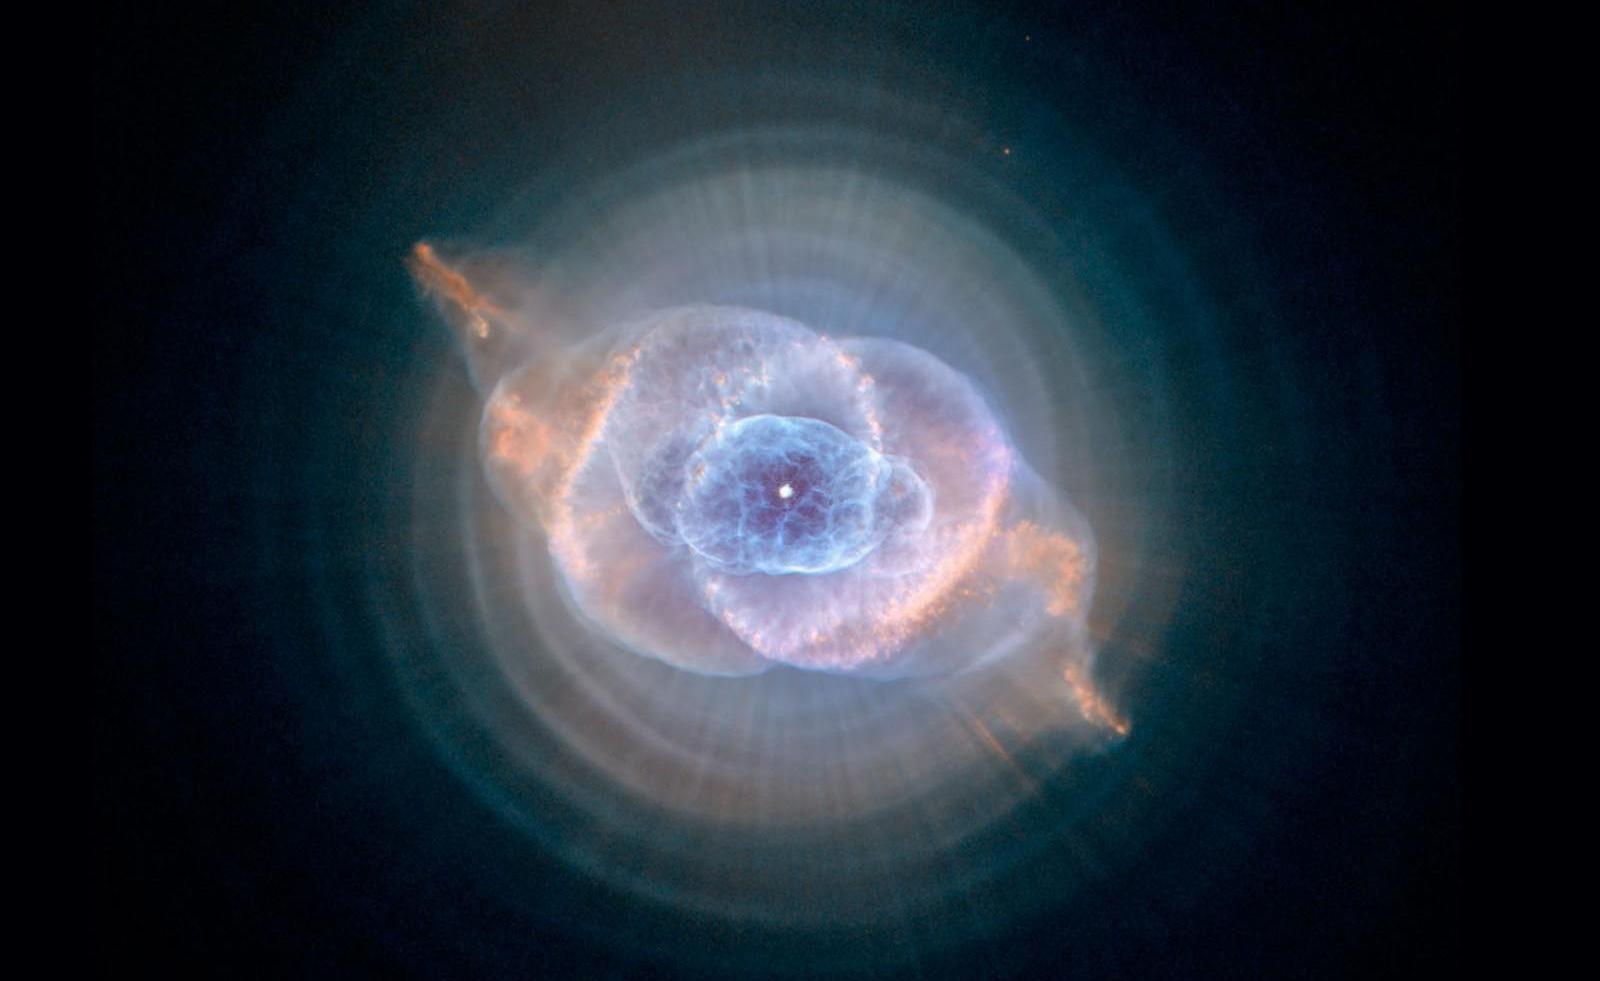 Cat S Eye Nebula Wallpapers Top Free Cat S Eye Nebula Backgrounds Wallpaperaccess